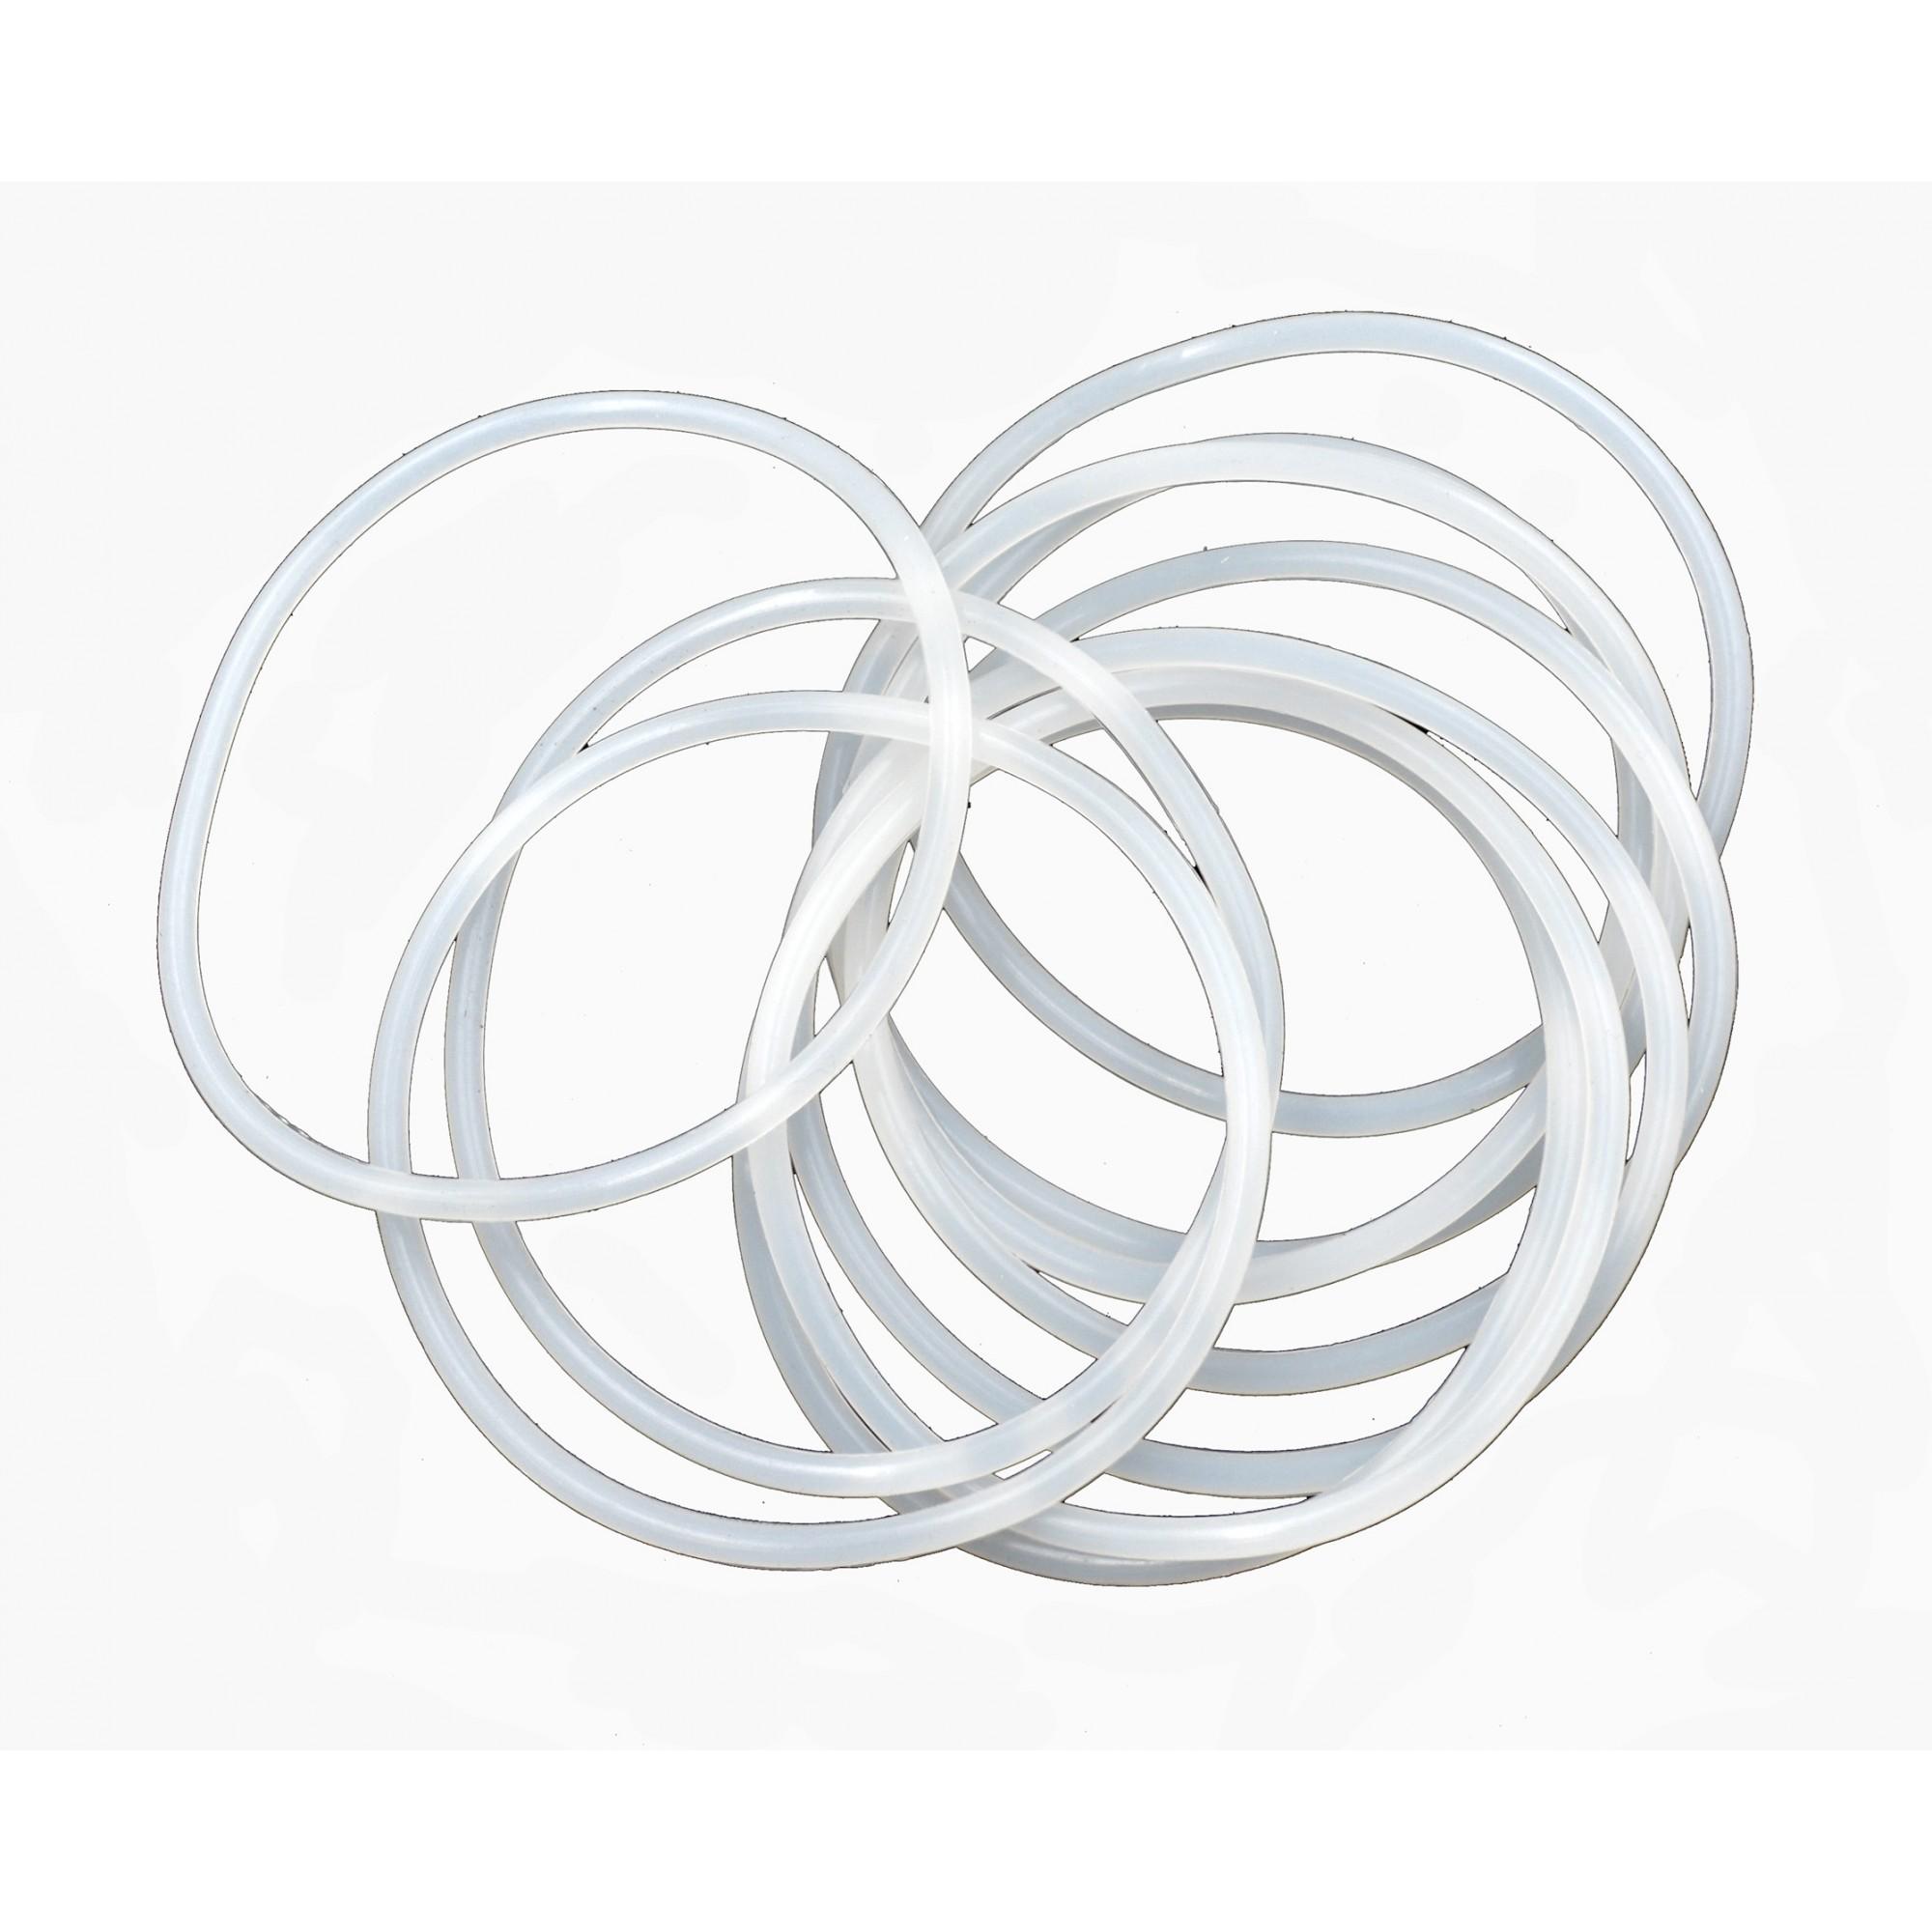 Упаковка силиконовых прокладок 10 шт кольцо на колбу фильтра малая 93мм*85мм*4мм J.G.